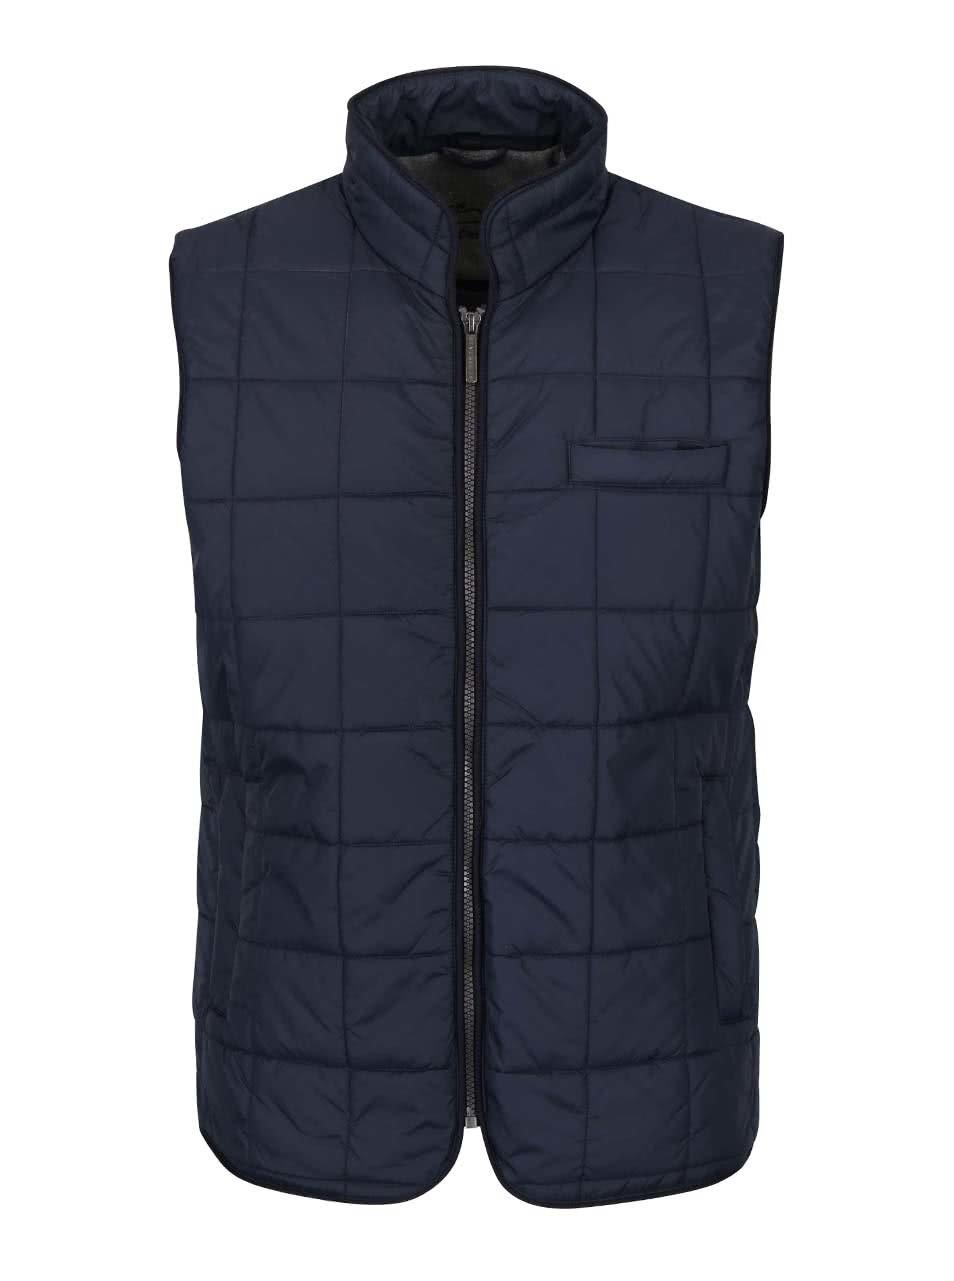 Tmavě modrá pánská prošívaná vesta Seven Seas